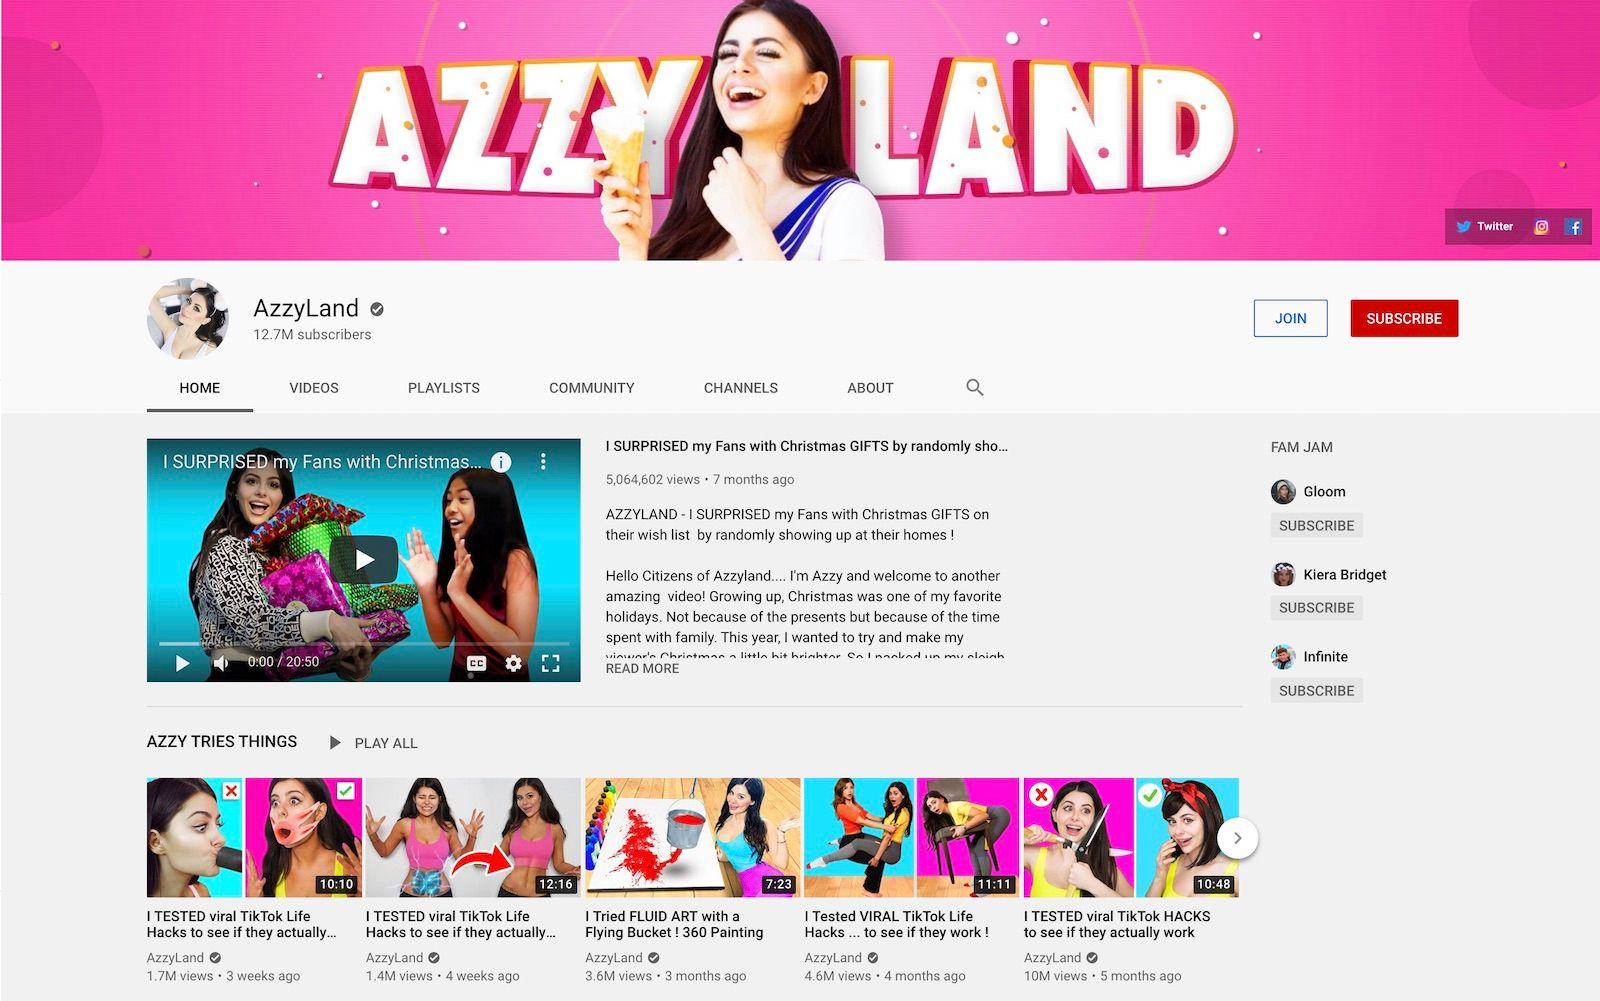 Azzyland YouTube